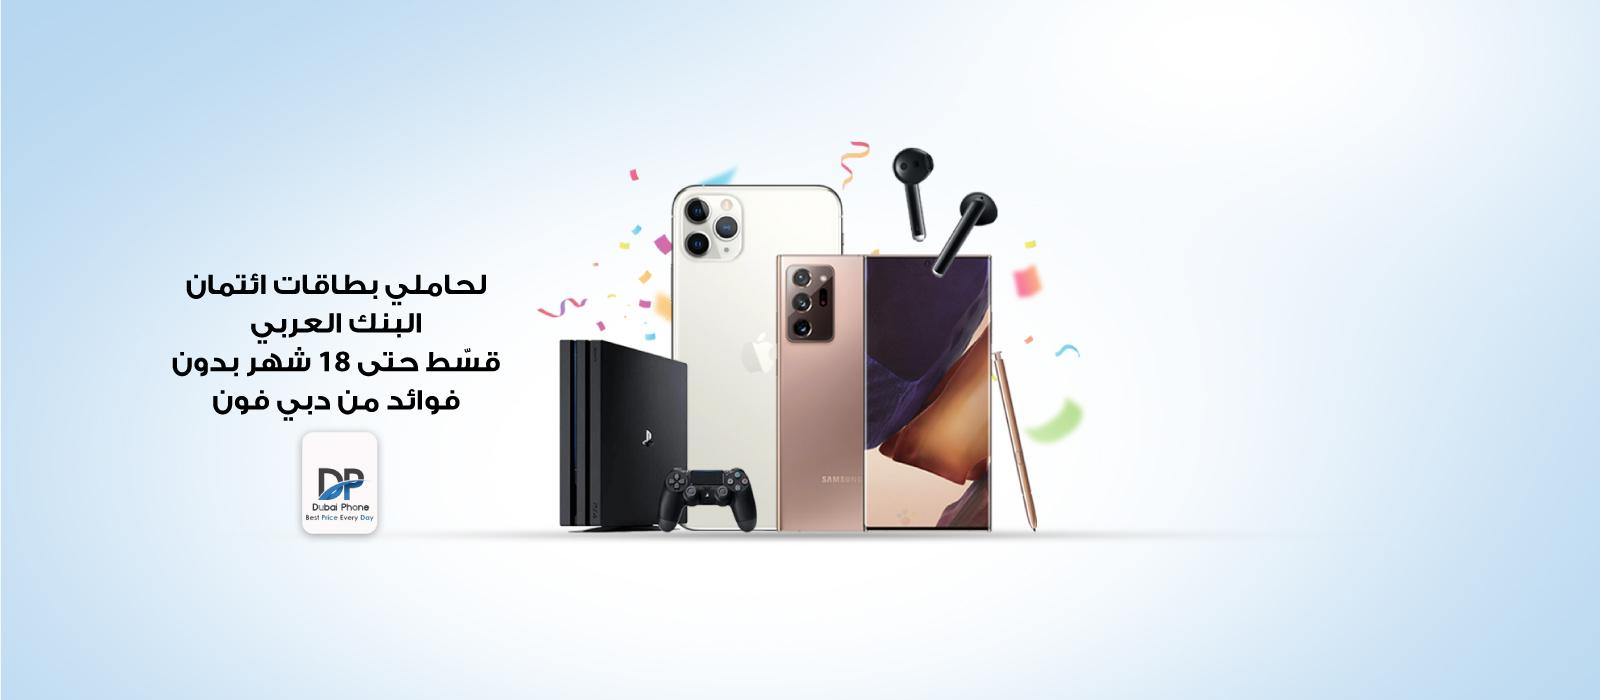 DubaiPhone